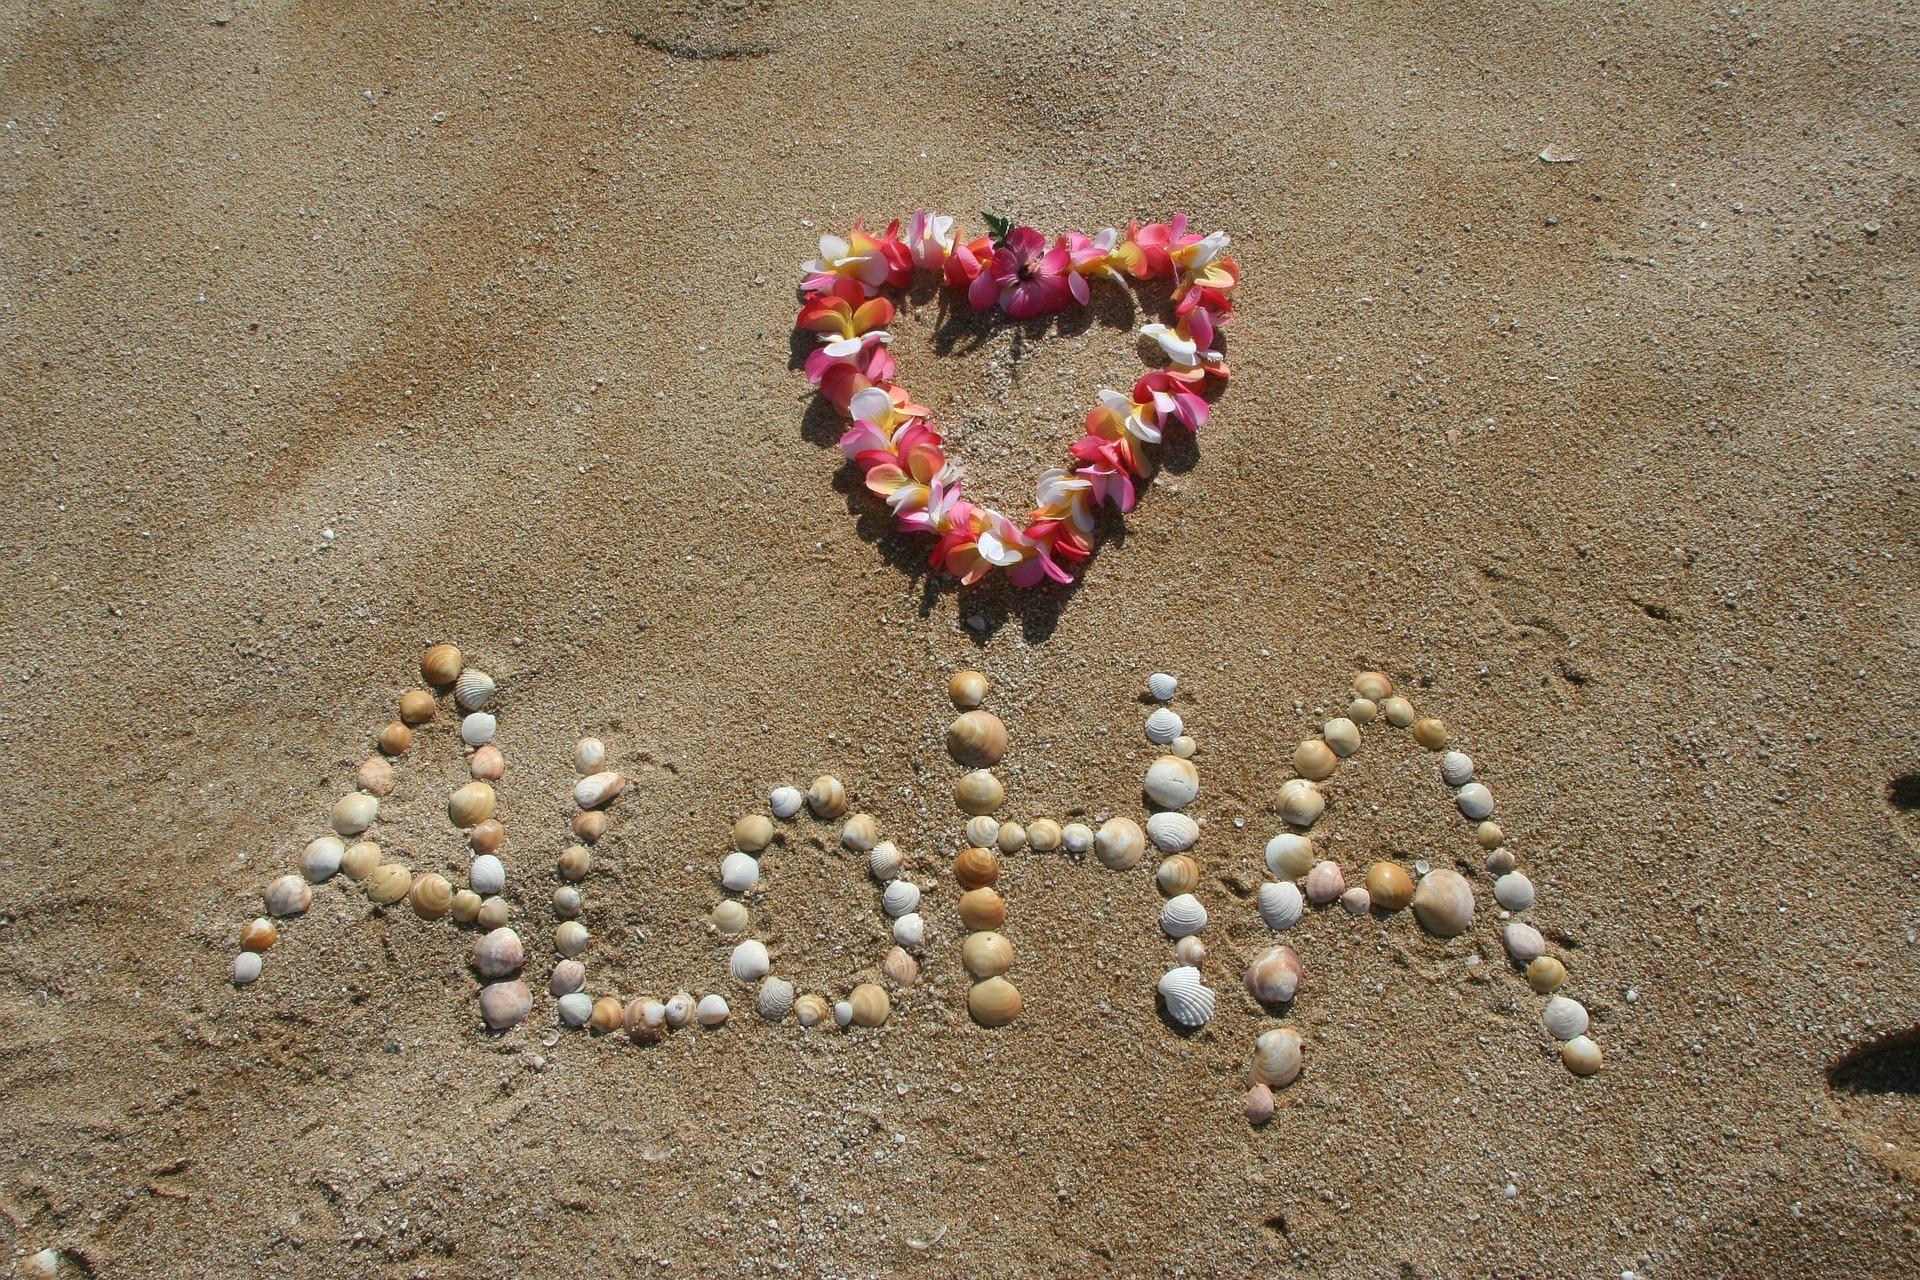 ハワイの喜ばれるお土産おすすめ10選!人気のお菓子や商品をご紹介!